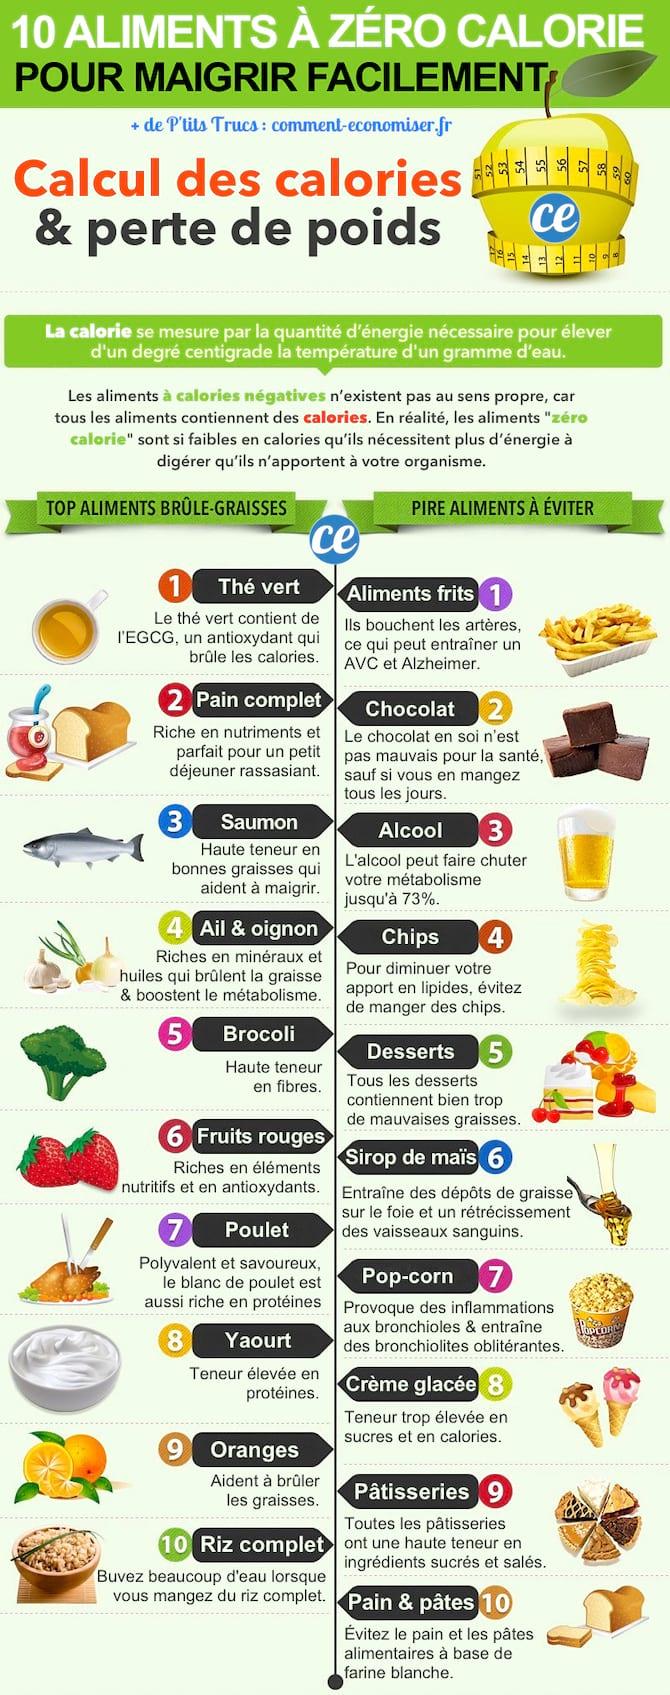 Perdre du poids efficacement : nos 11 conseils pour maigrir durablement